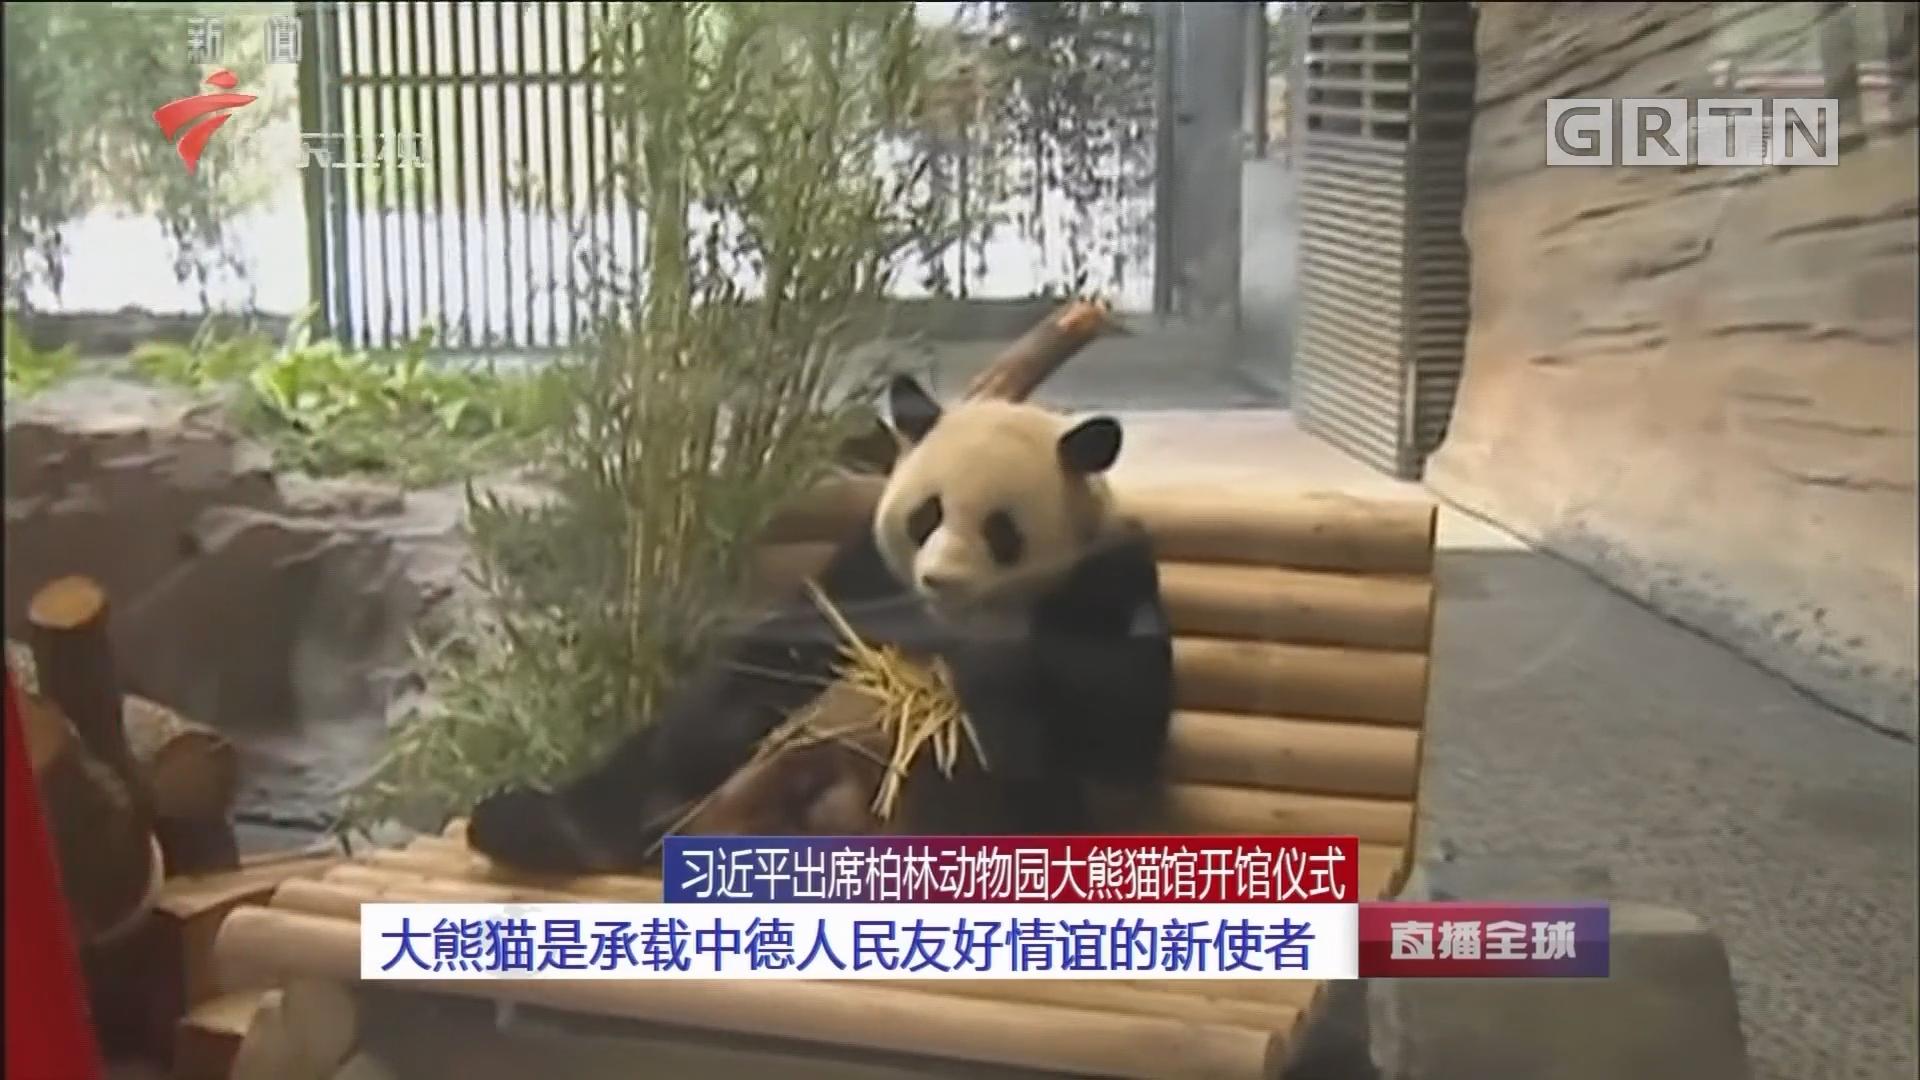 习近平出席柏林动物园大熊猫馆开馆仪式 大熊猫是承载